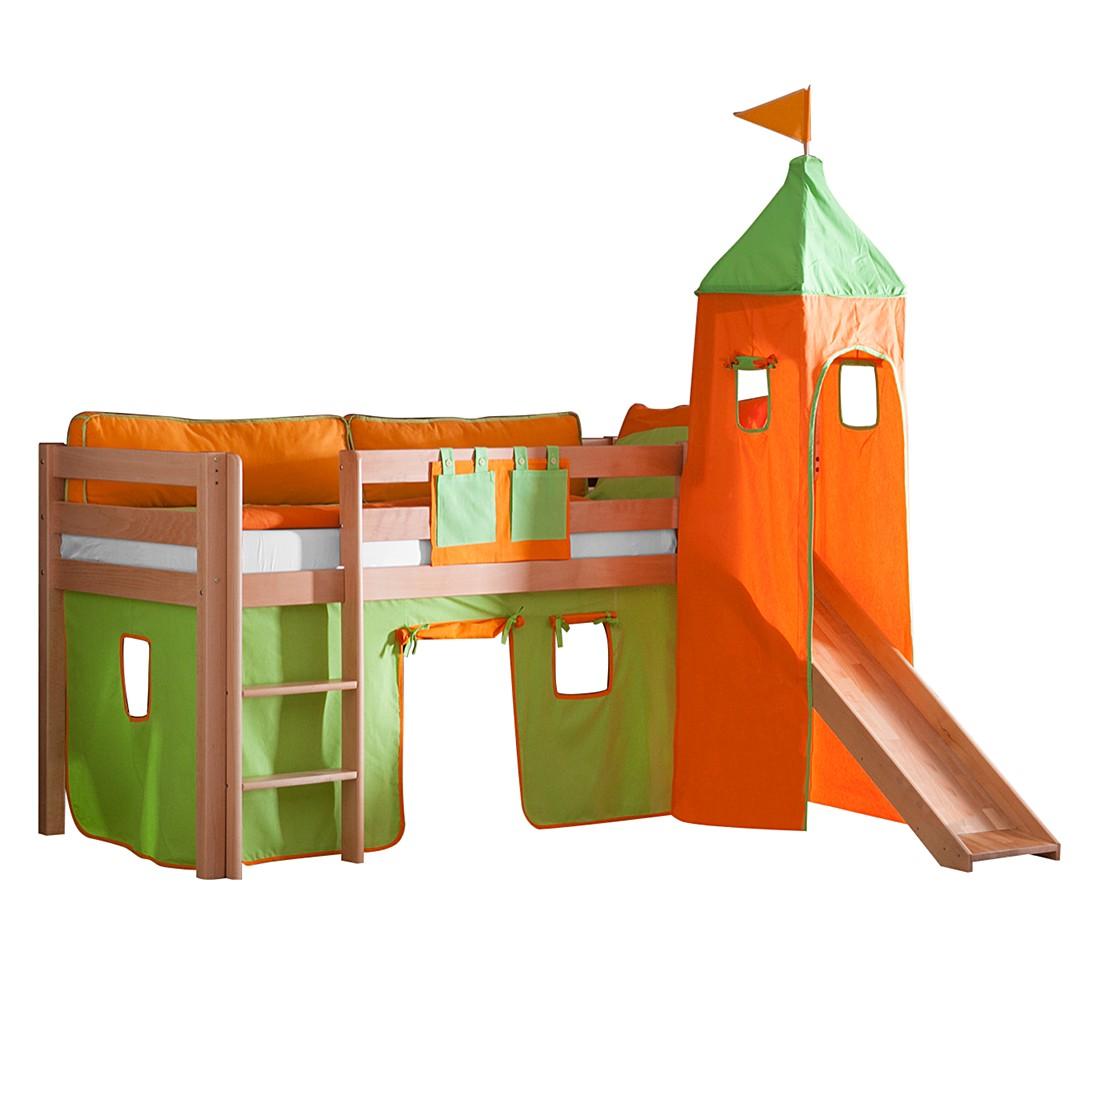 Spielbett Alex - mit Rutsche, Vorhang, Turm und Tasche - Buche natur/Textil grün-orange, Relita